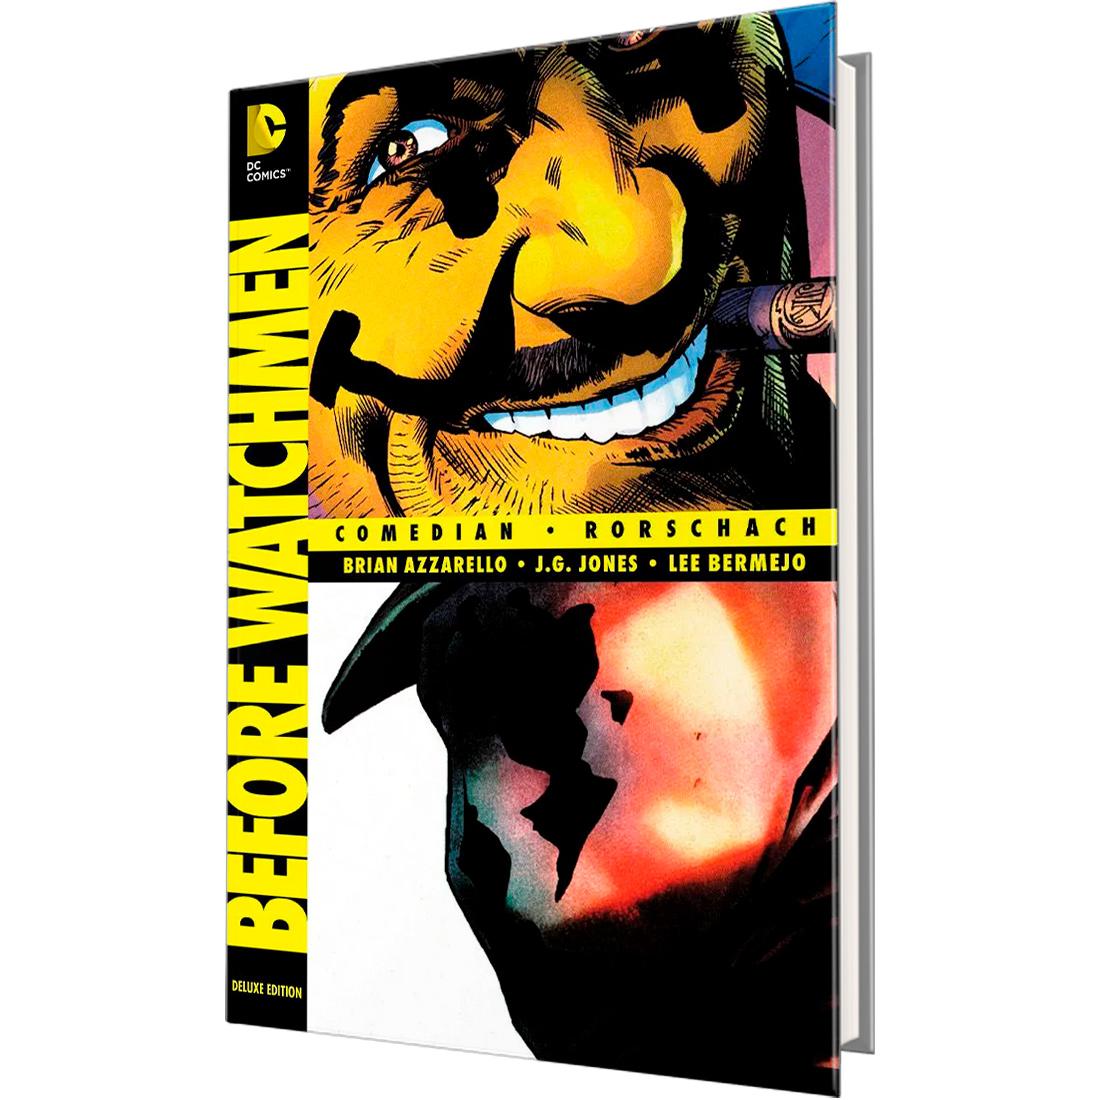 Antes de Watchmen - Comediante & Rorschach - Edição de Luxo